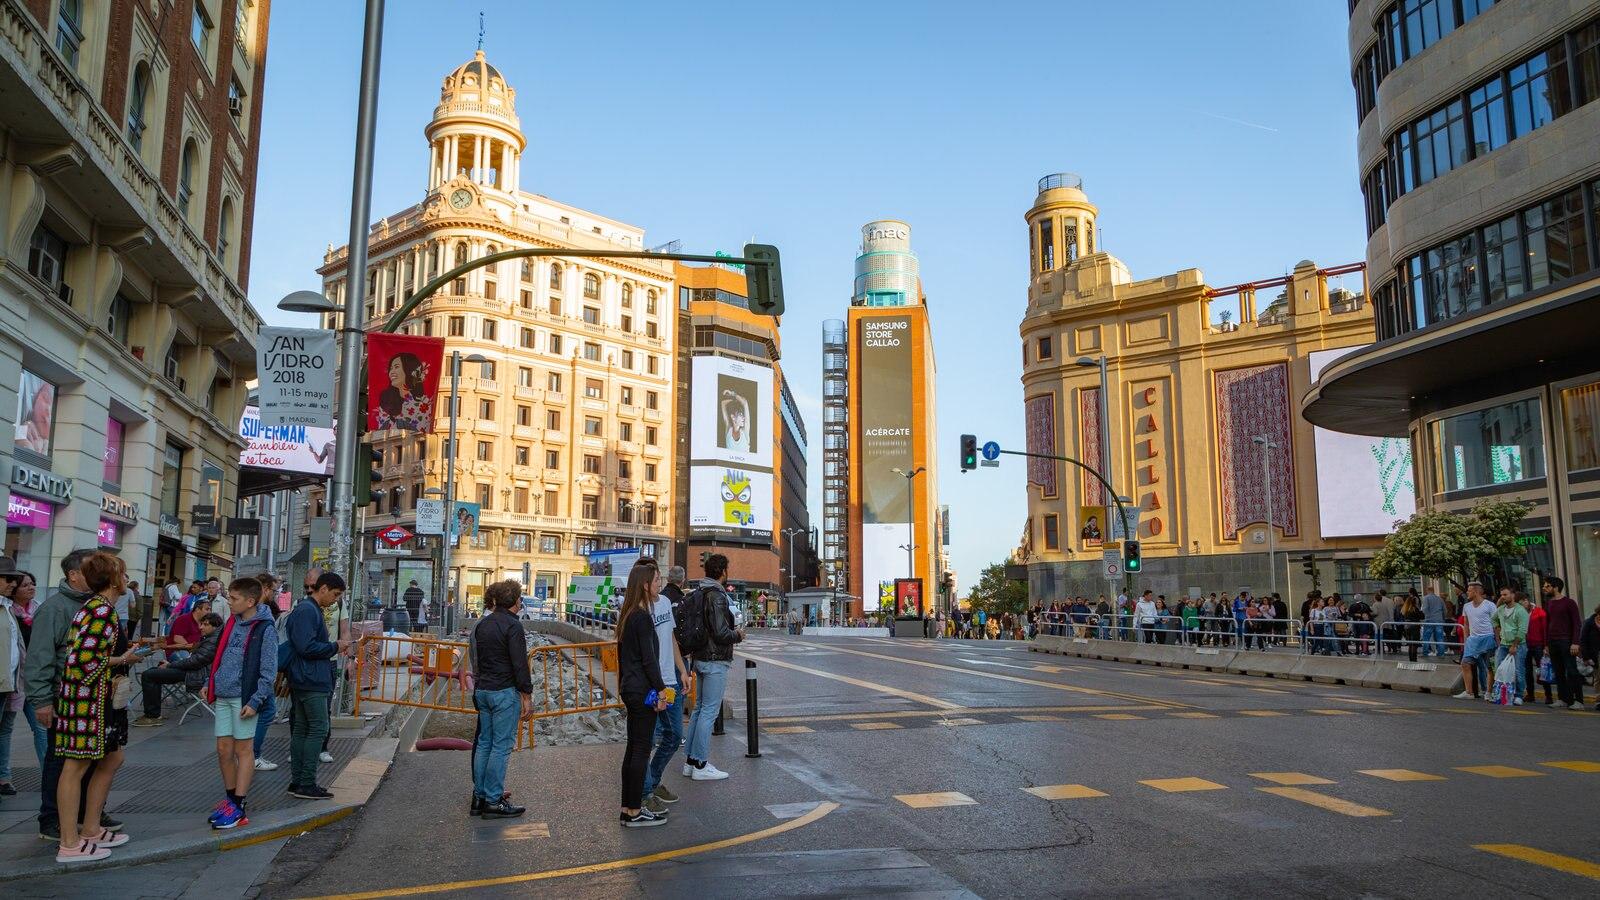 Gran Vía que incluye una ciudad y escenas urbanas y también un pequeño grupo de personas